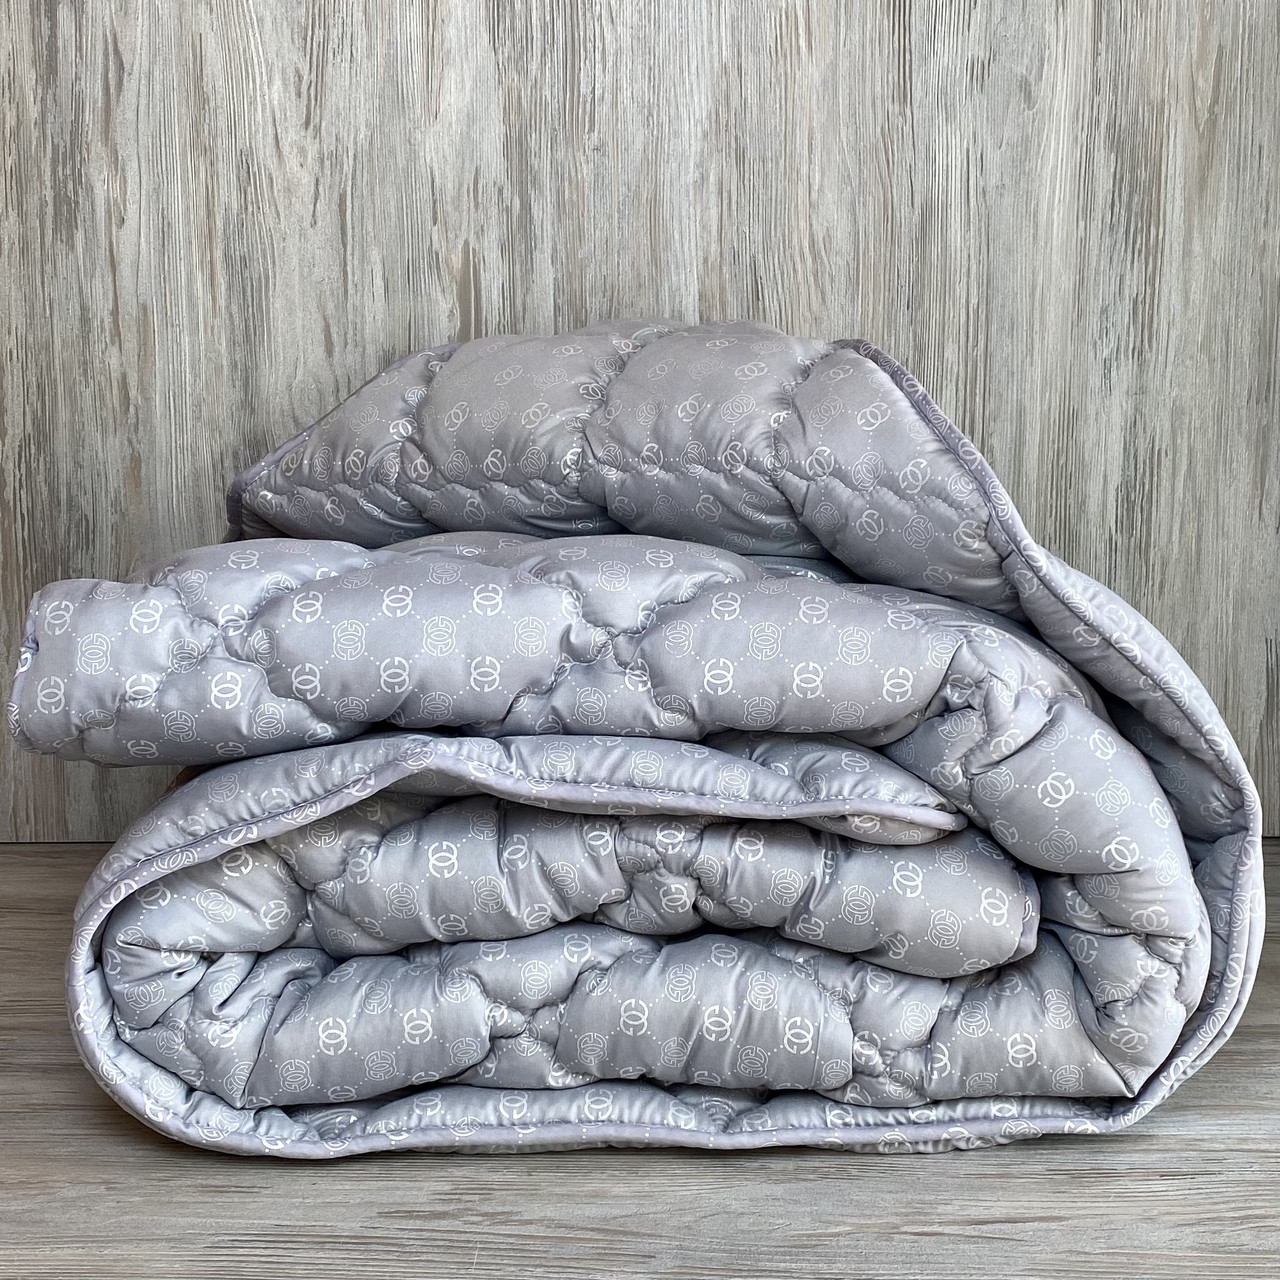 Одеяло на холлофайбере ОДА Евро размера 200х220 Стеганное зимнее одеяло высокого качества